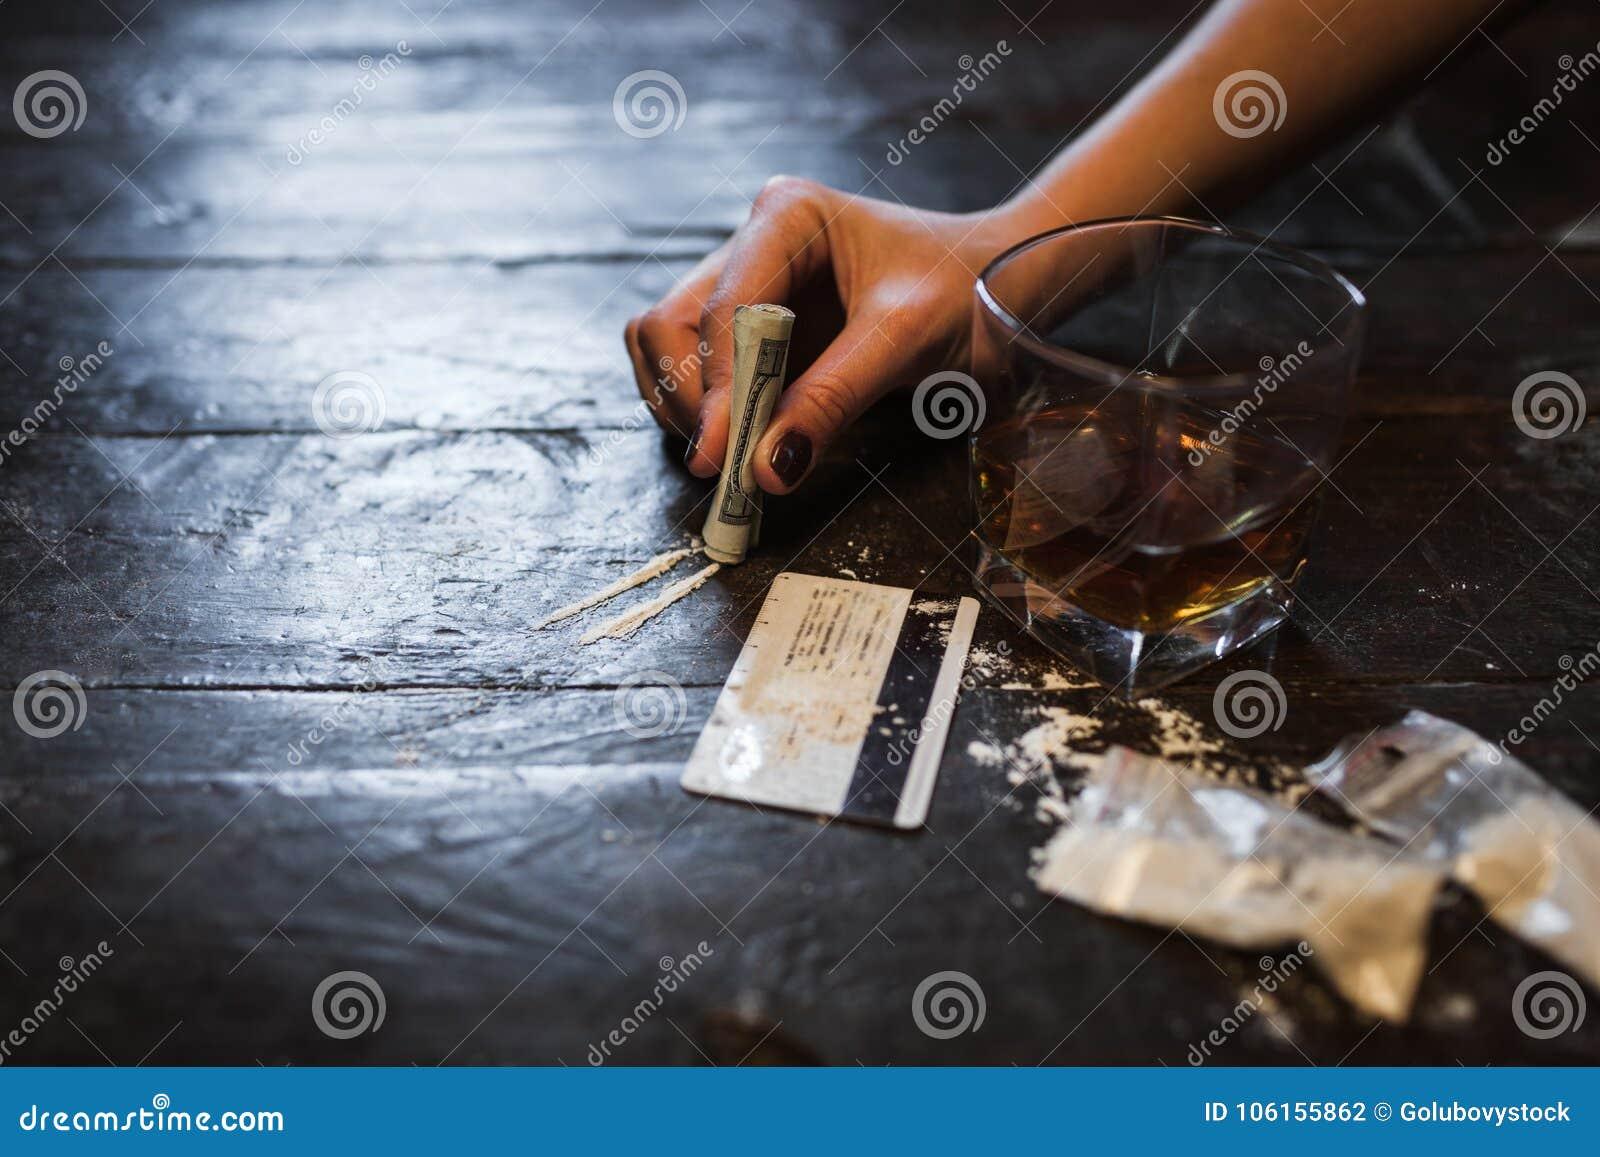 Καταστρεπτικός τρόπος ζωής εθισμού οινοπνεύματος κοκαΐνης